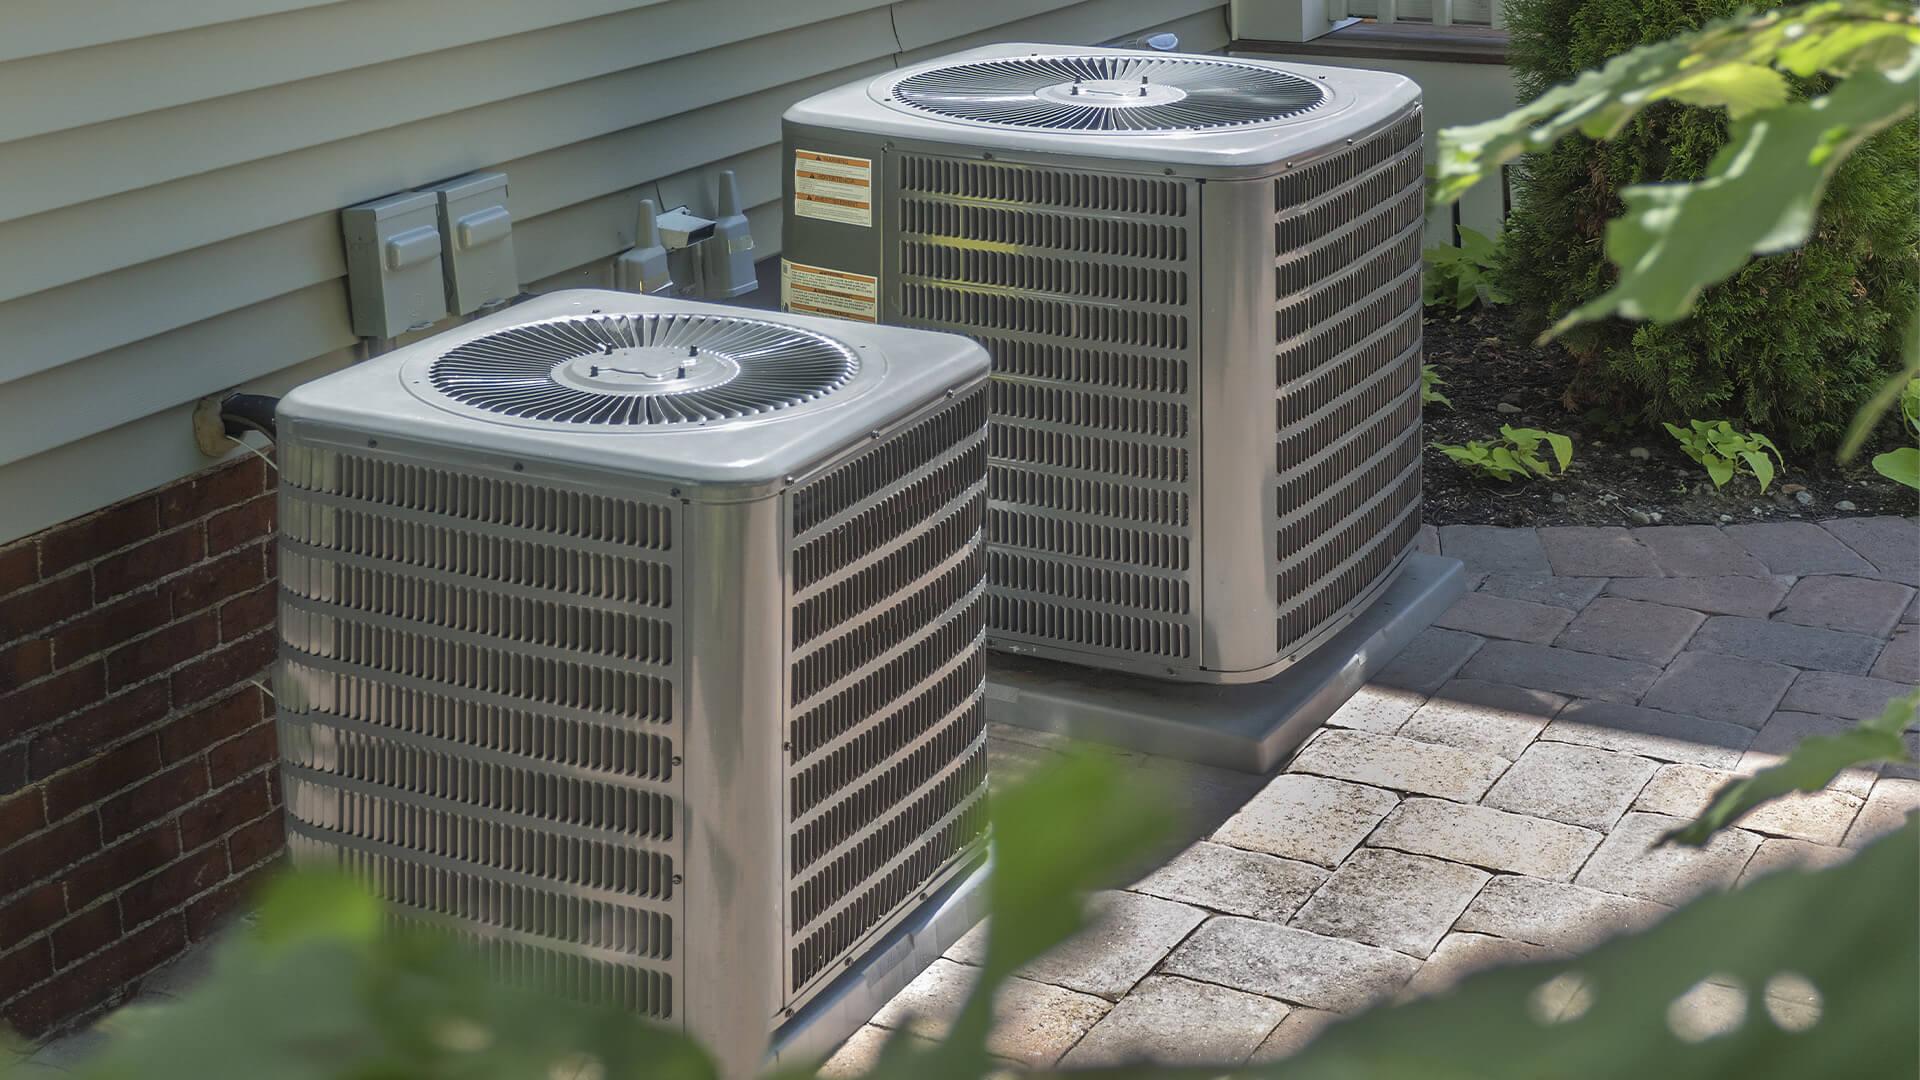 Exterior HVAC system